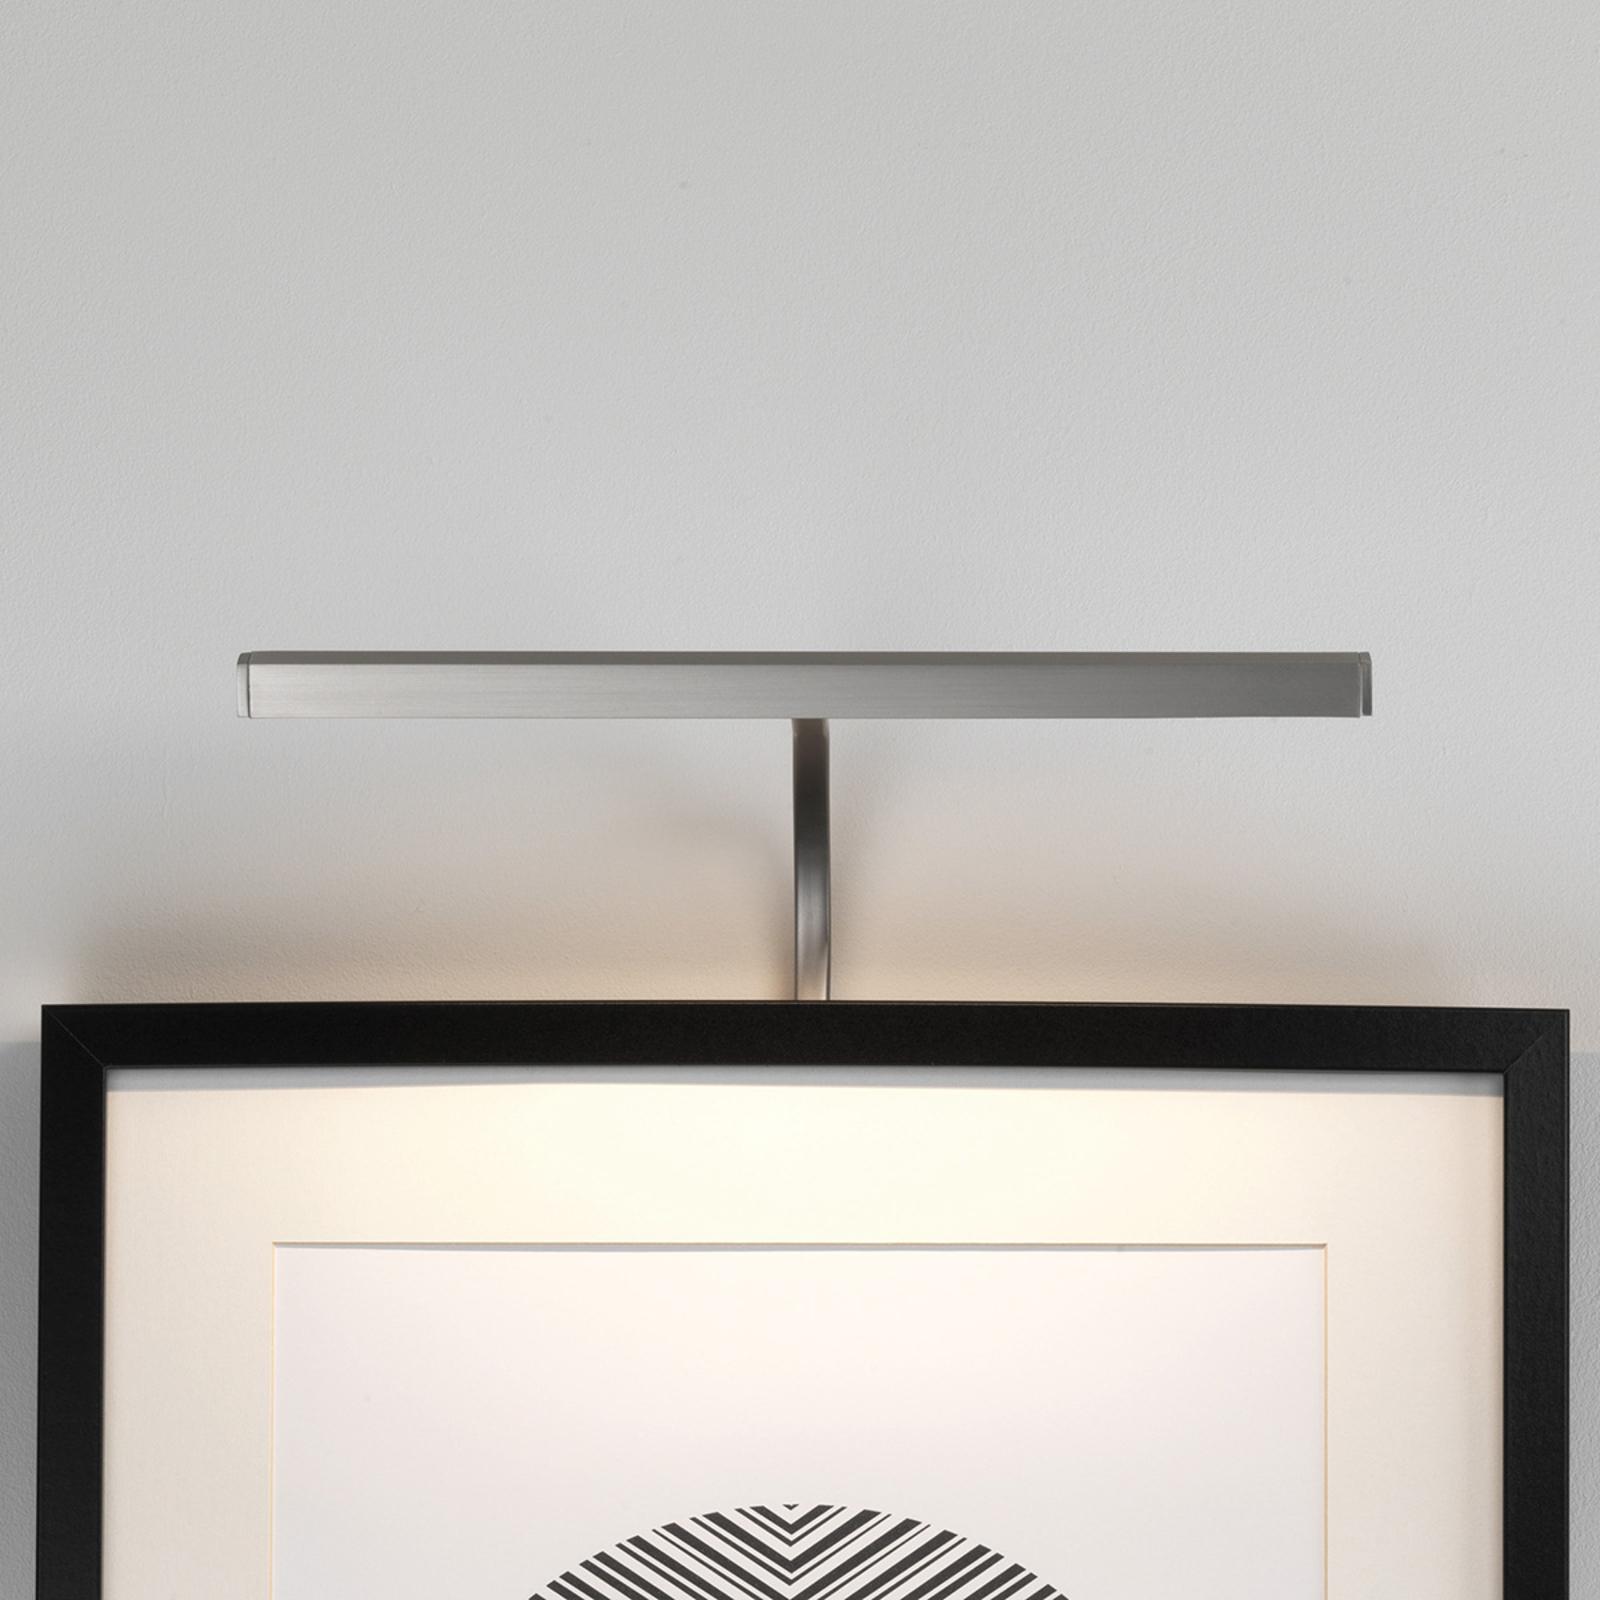 Astro Mondrian ram-vägglampa nickel 30 cm